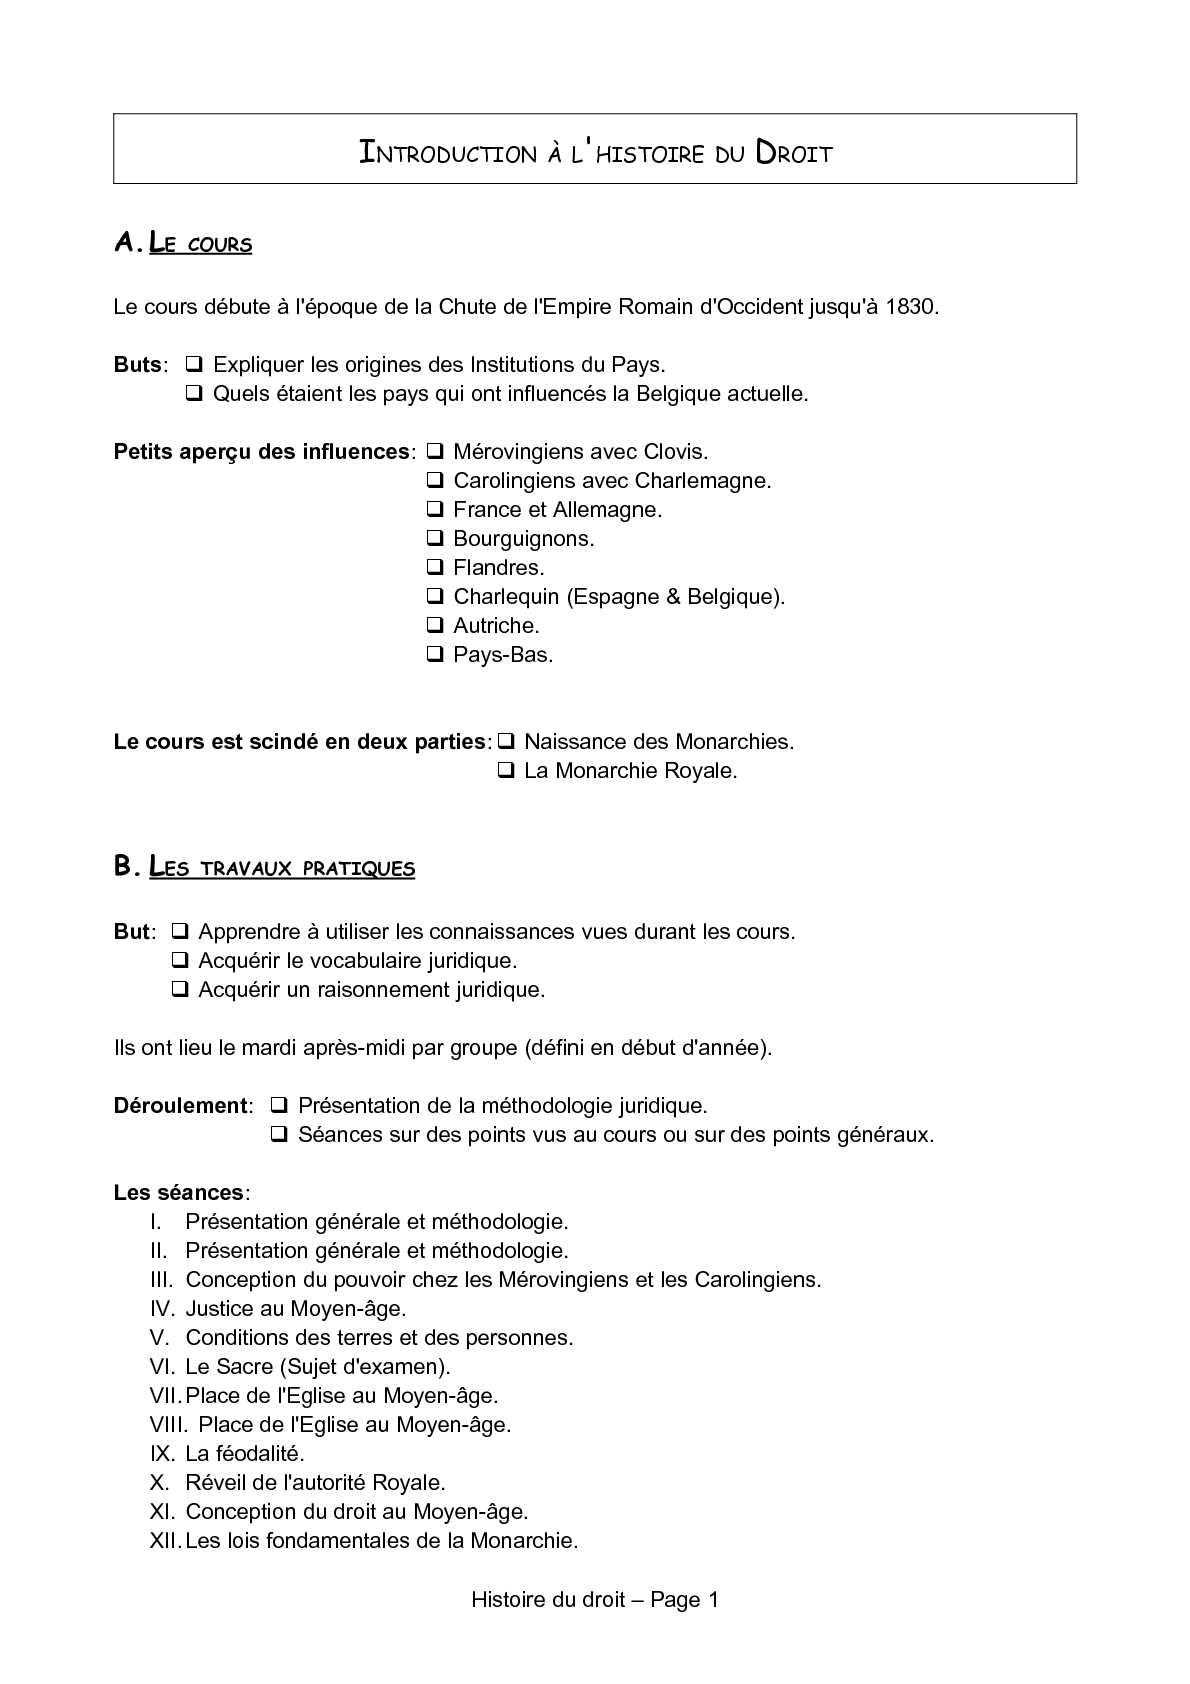 methode de la dissertation en droit Retrouvez méthode des études de droit de nicolas cayrol un ouvrage sur la méthode, en droit, est susceptible de prendre deux orientations un chapitre est consacré à la dissertation de culture générale.